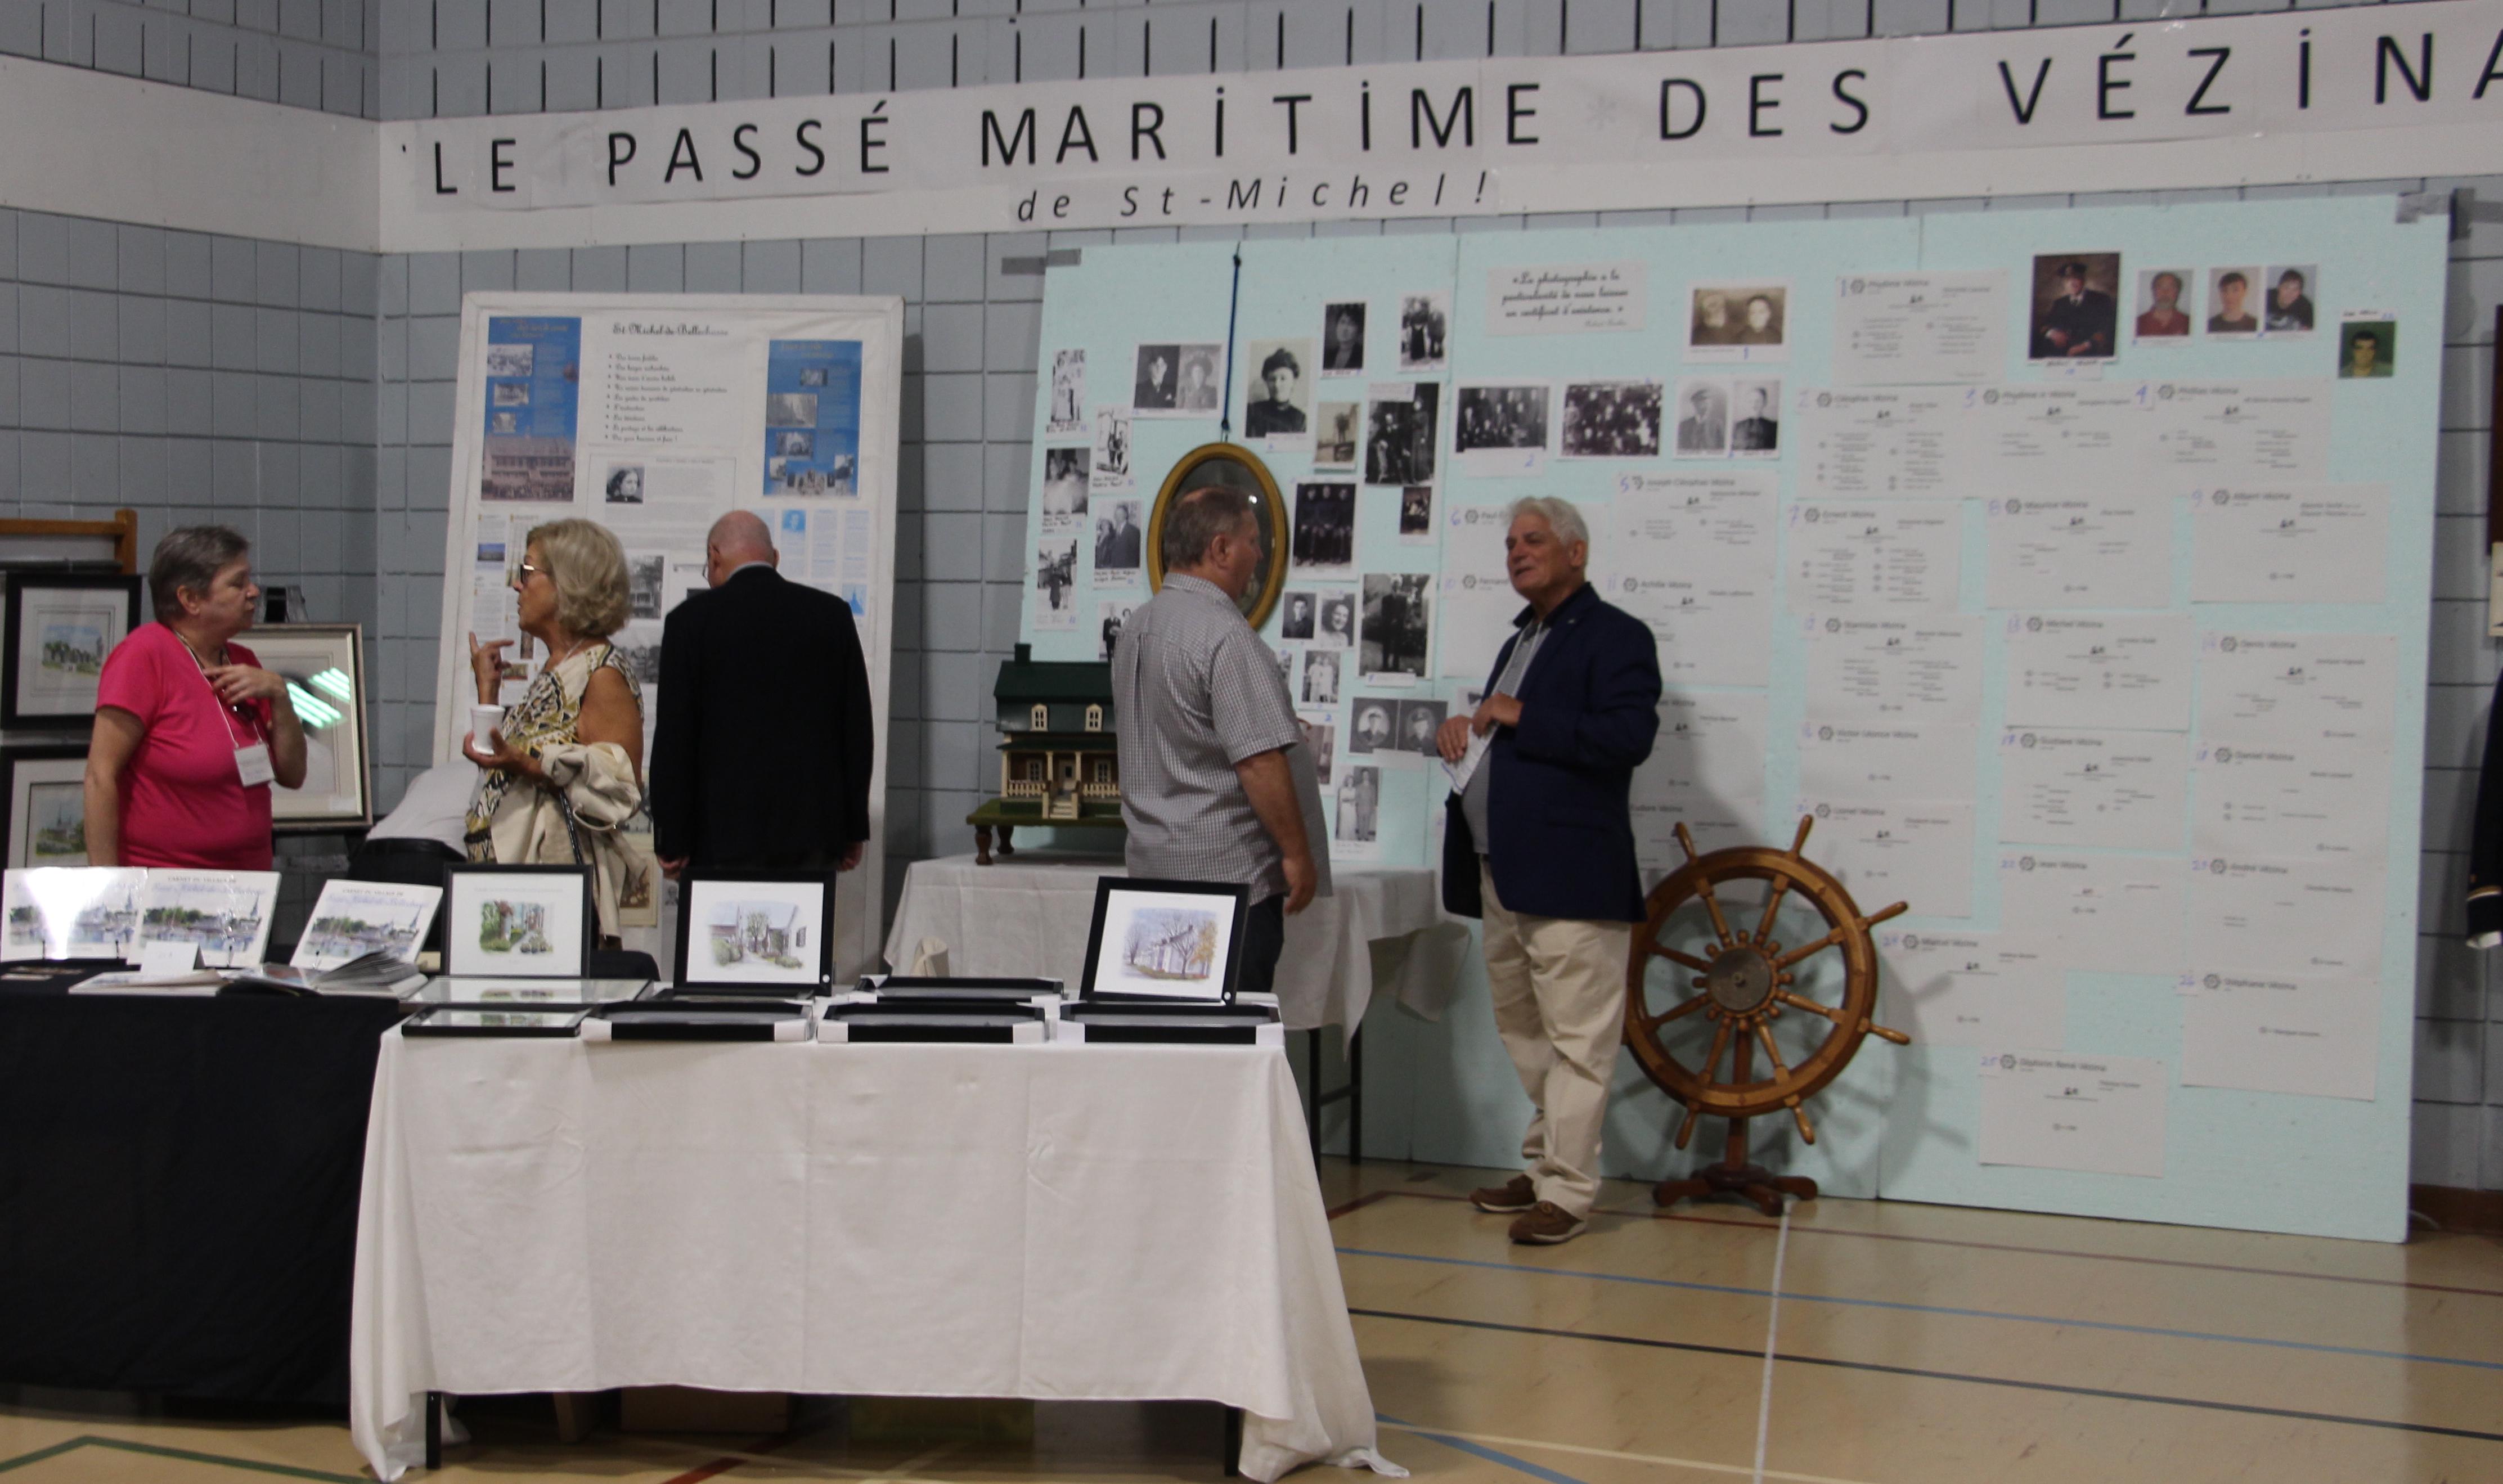 kiosque du passé maritime de Saint-Michel